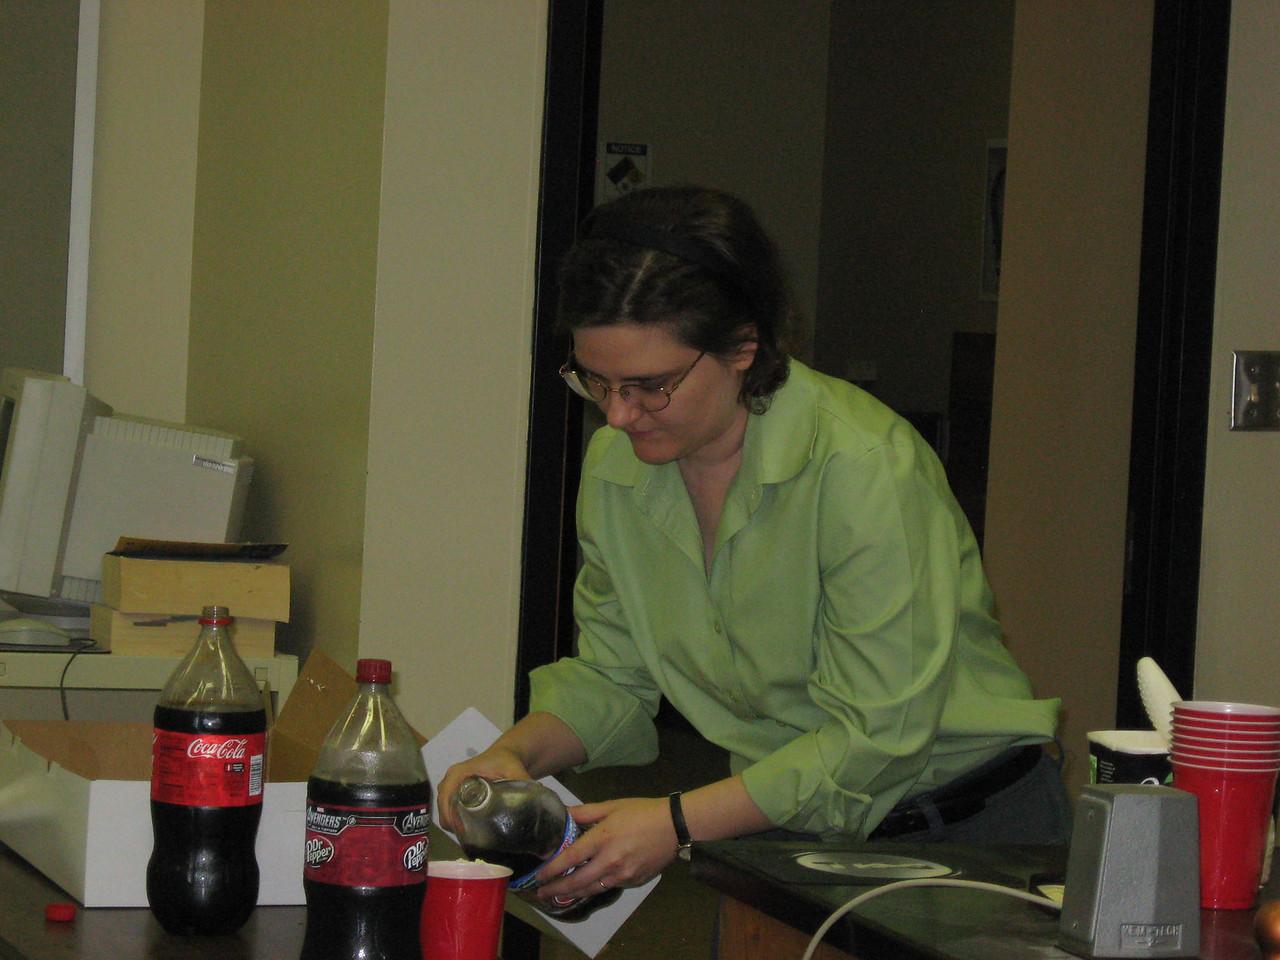 Dr. Crow getting ready to enjoy a soda float.